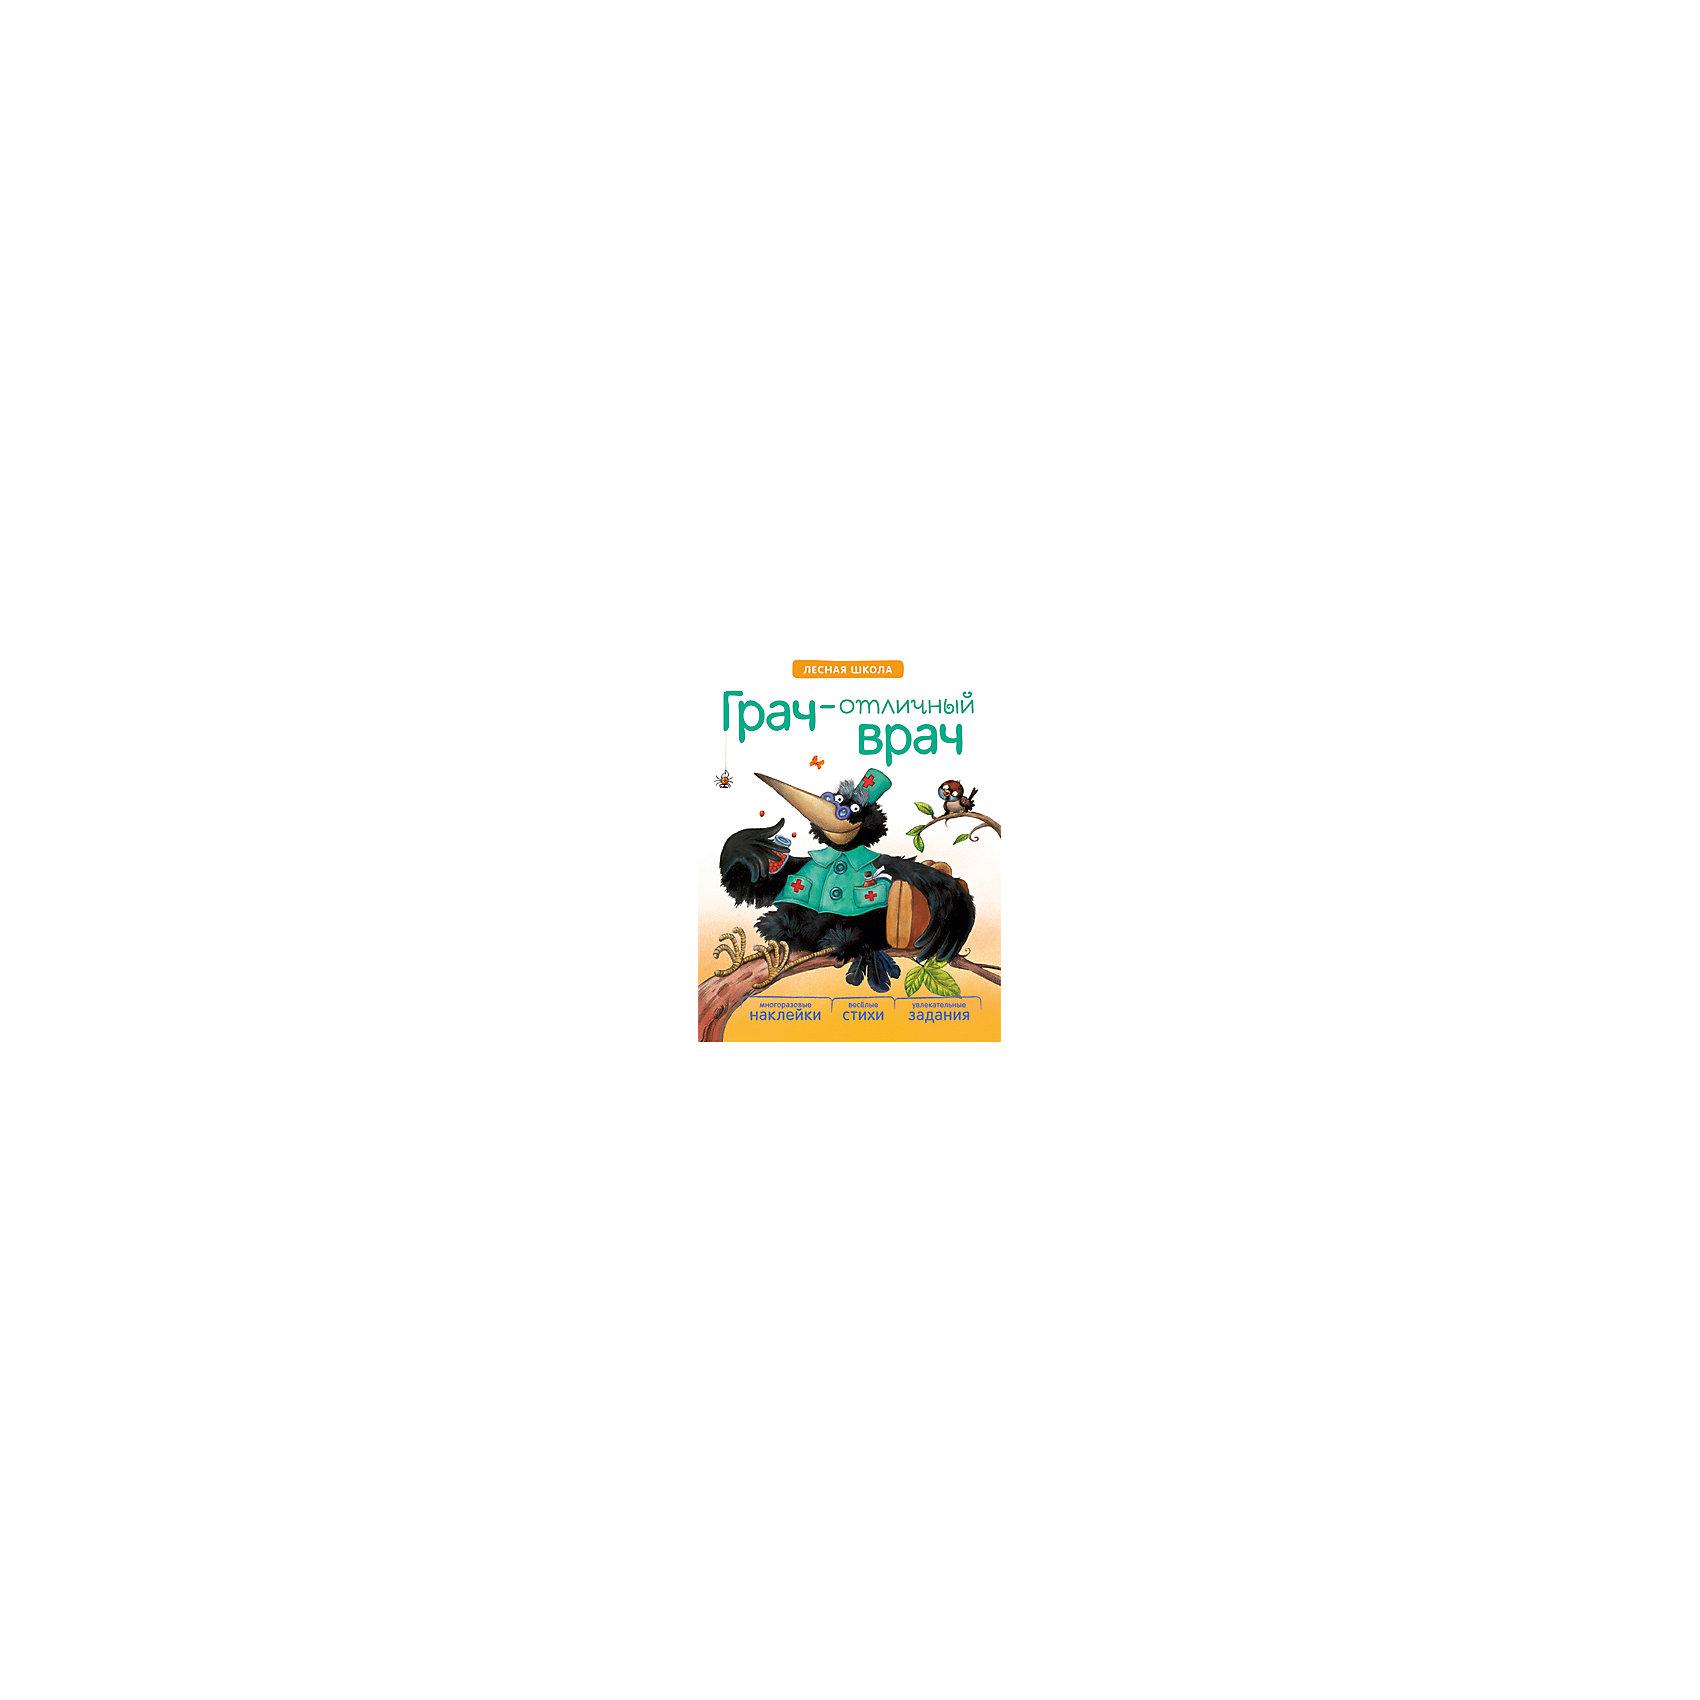 Книга Лесная школа: Грач — отличный врачРазвивающие книги<br>С книгой «Грач – отличный врач» серии «Лесная школа» Ваш малыш познакомится с профессией доктора. <br>Главный герой книги – добрый грач, с которым ему обязательно захочется подружиться. Слушая юмористические стихи и выполняя увлекательные задания, ребенок поможет замечательному врачу вылечить обитателей сказочного леса, а еще узнает, что необходимо доктору для работы и как вылечить простуду. В этом ему помогут многоразовые наклейки.<br>Благодаря веселым, хорошо запоминающимся стихам и жизнерадостным иллюстрациям, получение новых знаний превратится в веселую игру.<br><br>Ширина мм: 20<br>Глубина мм: 195<br>Высота мм: 255<br>Вес г: 96<br>Возраст от месяцев: 48<br>Возраст до месяцев: 84<br>Пол: Унисекс<br>Возраст: Детский<br>SKU: 5562628